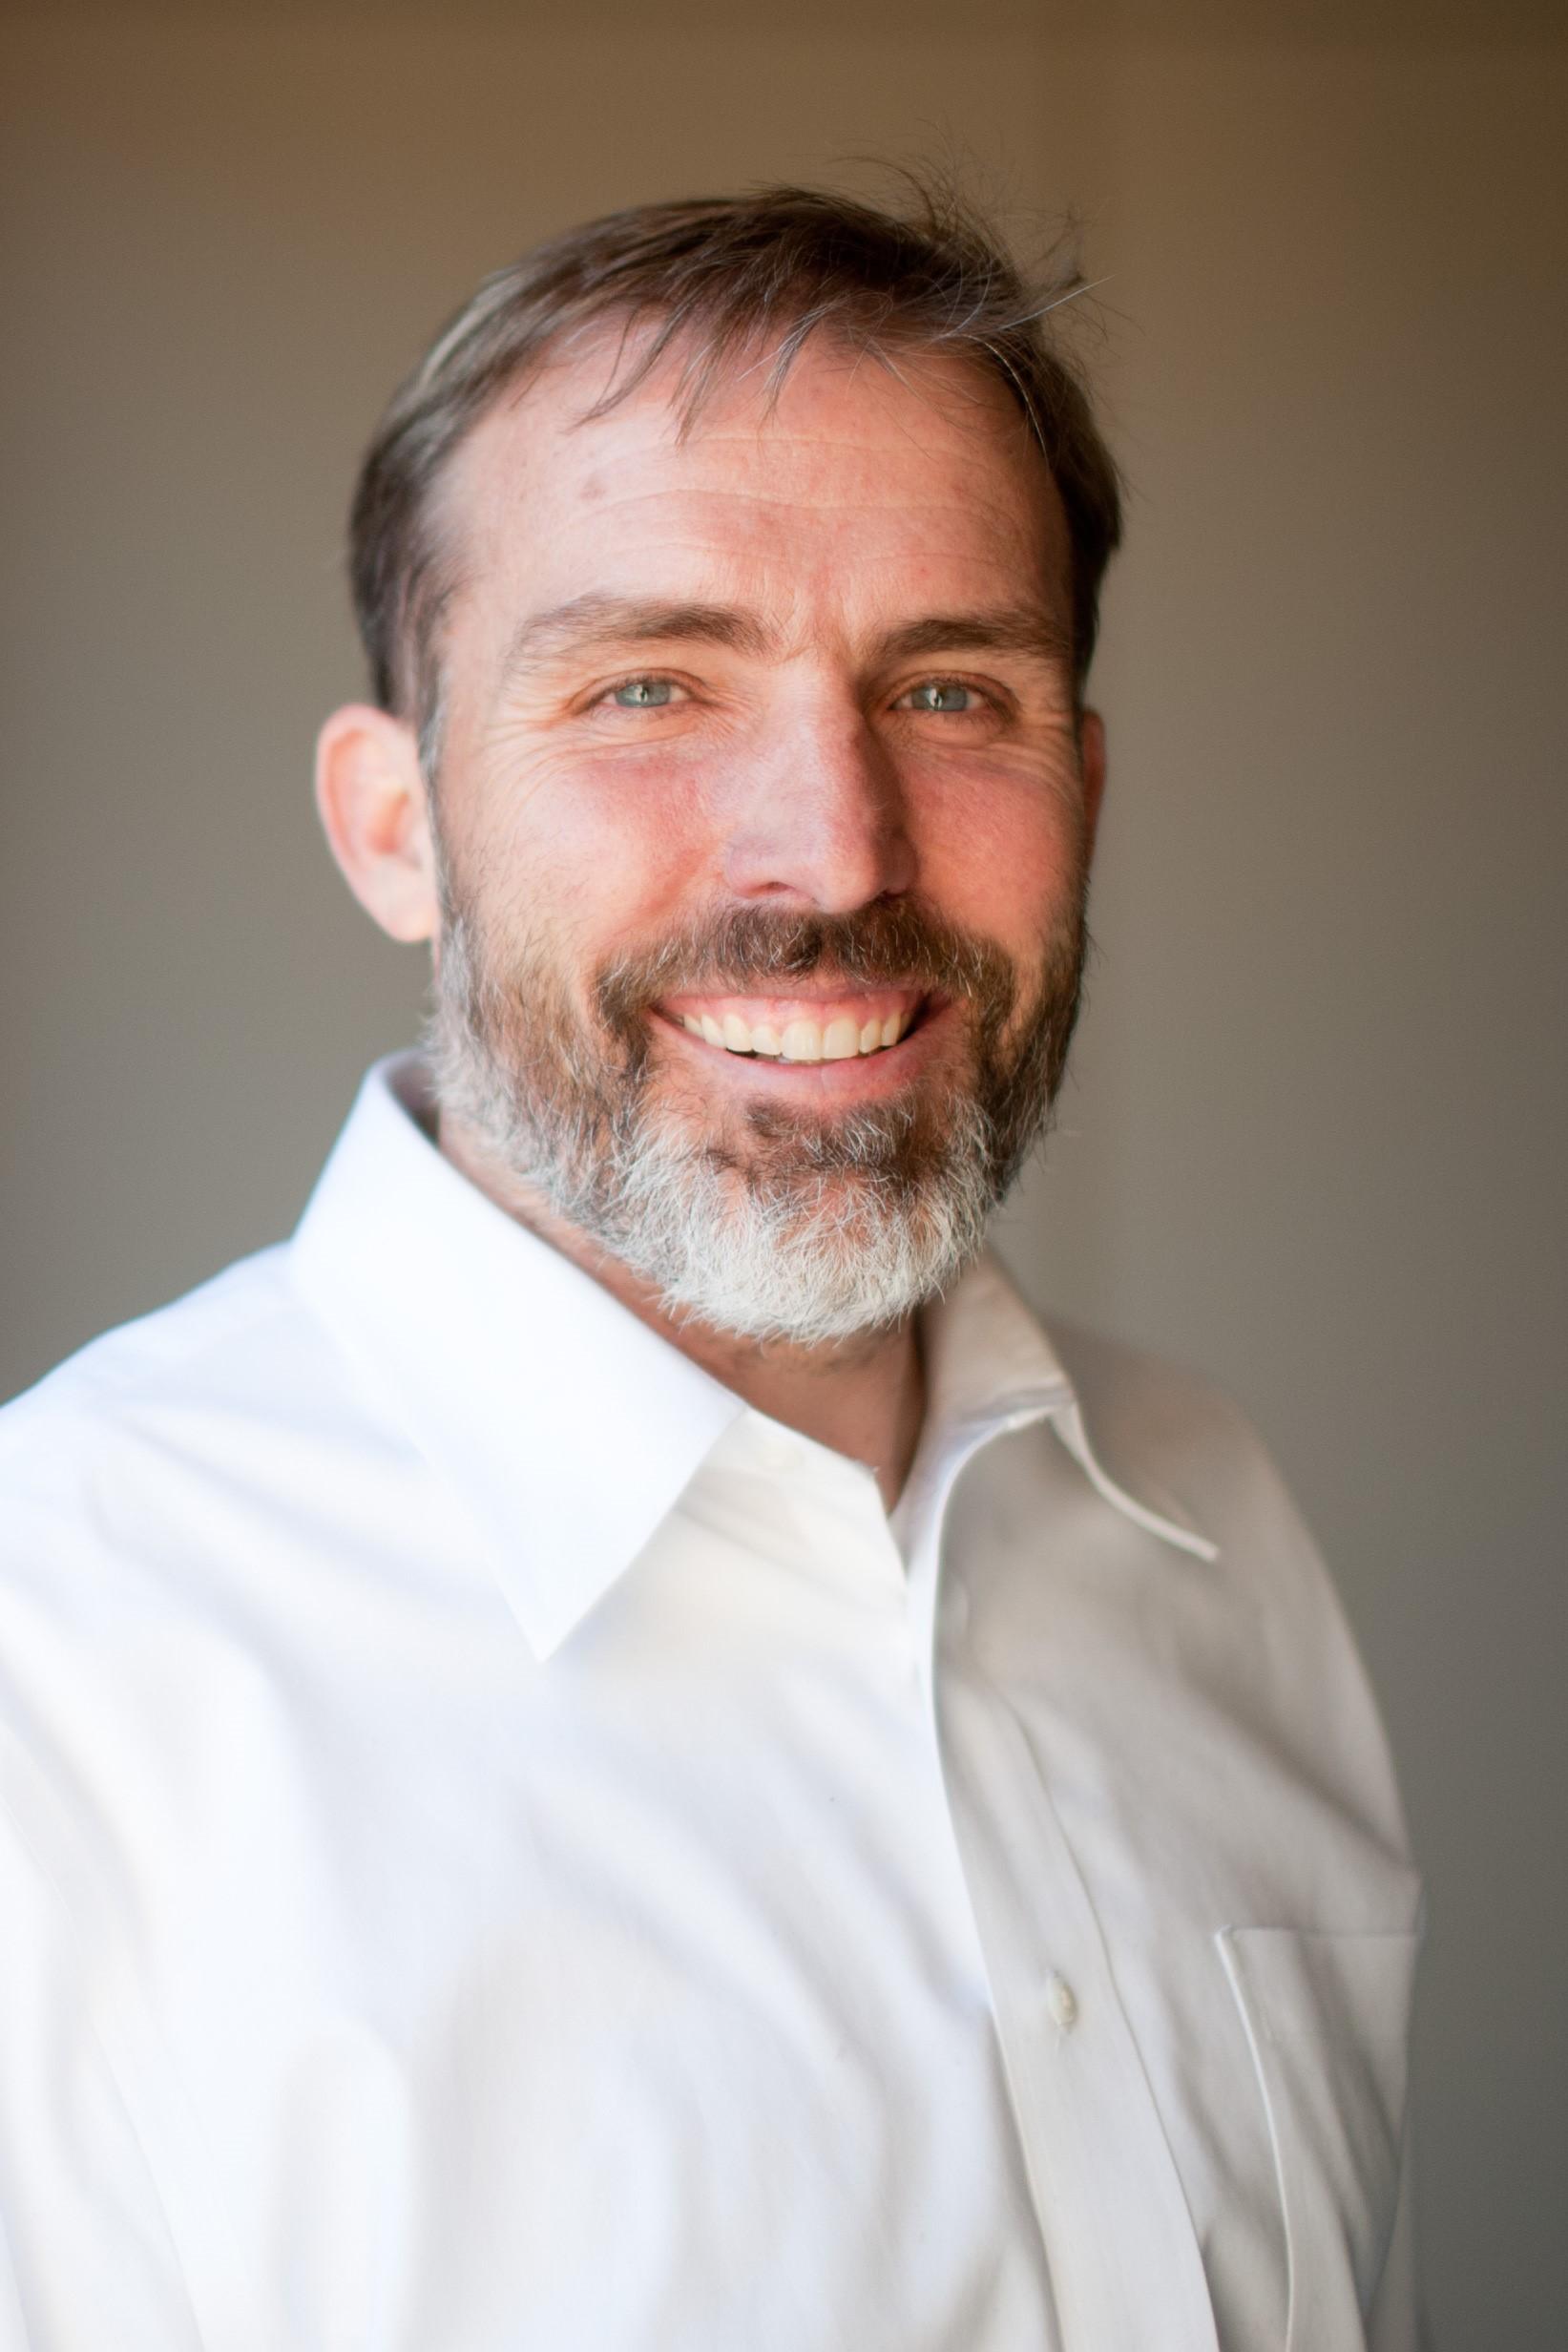 Matt Willis, MD, MPH